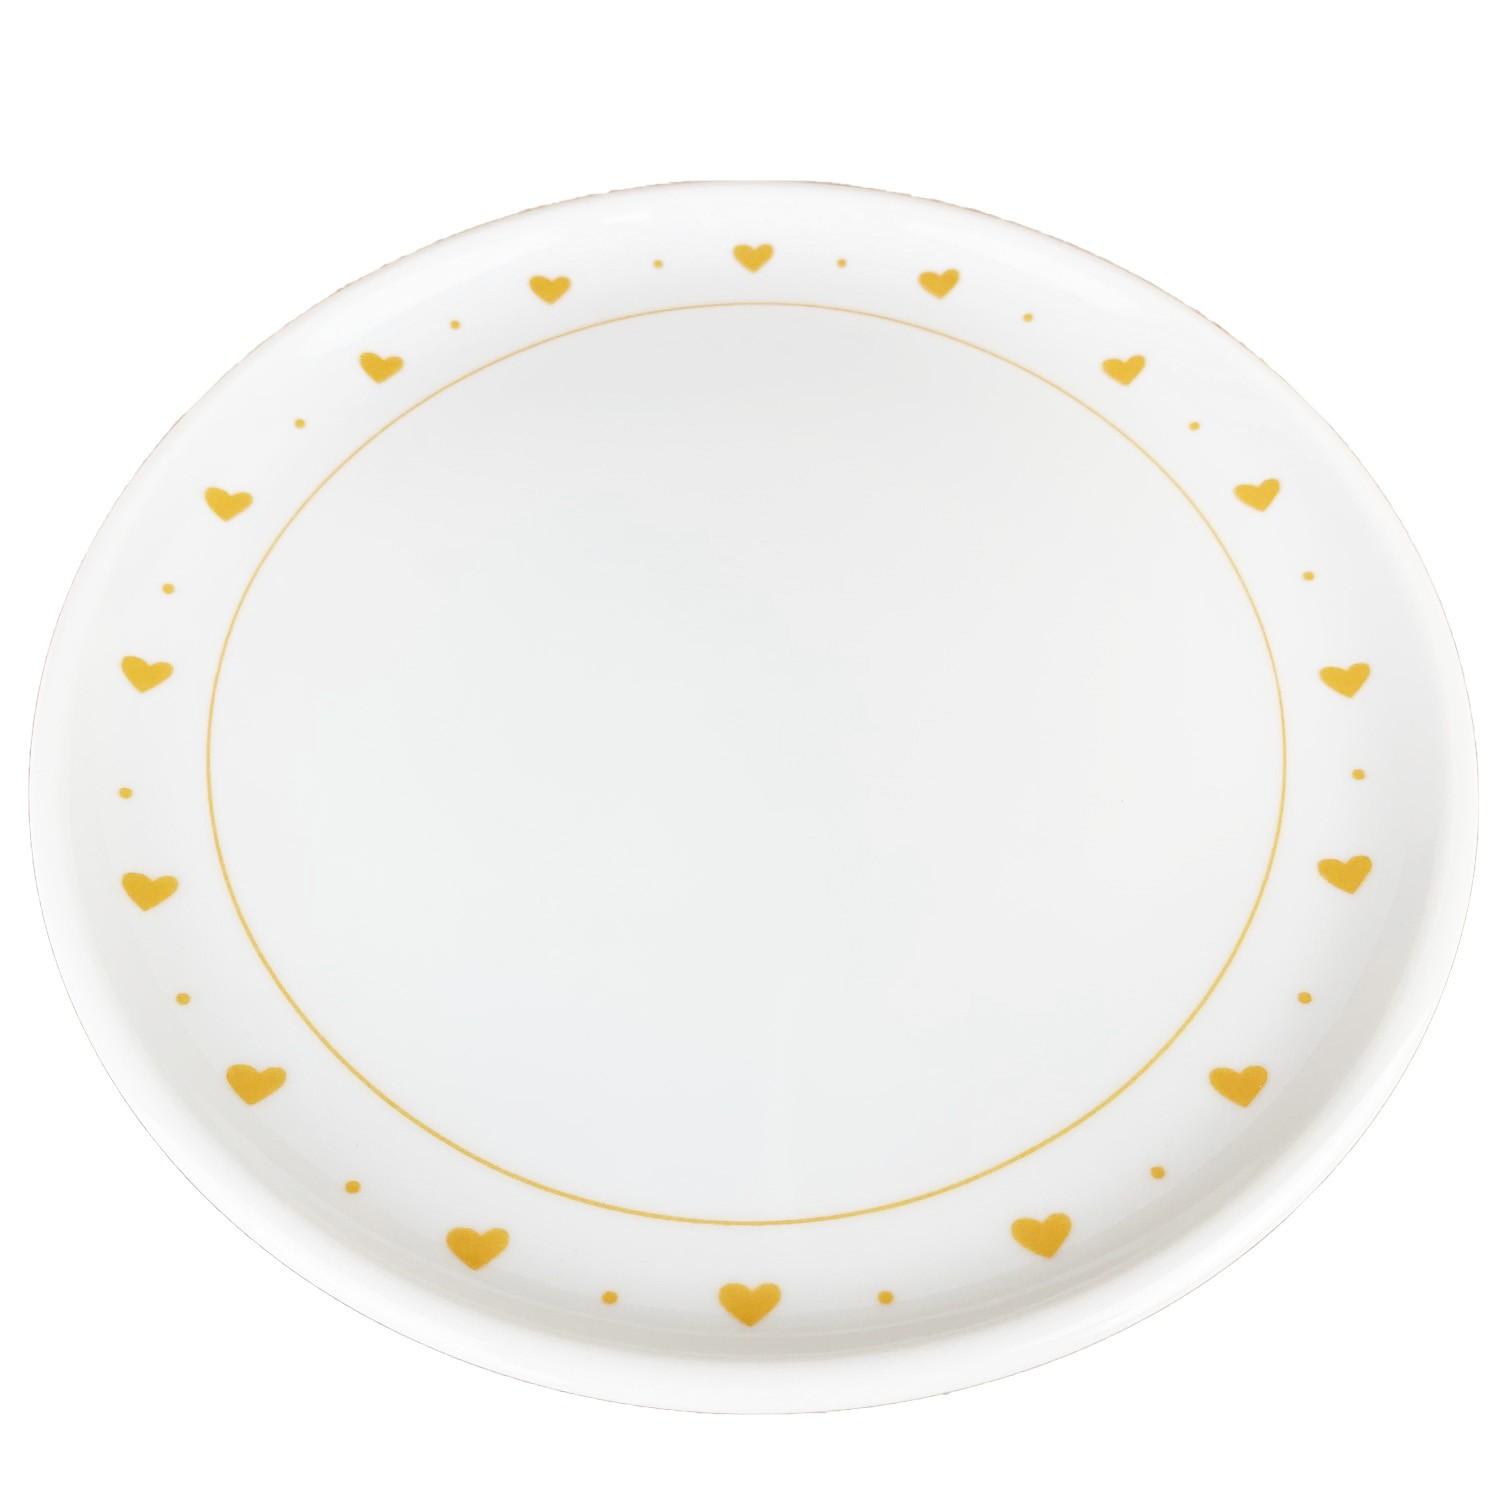 Jogo c/2 Pratos Sobremesa, em porcelana 18 cm diâmetro, coleção exclusiva Golden Mary